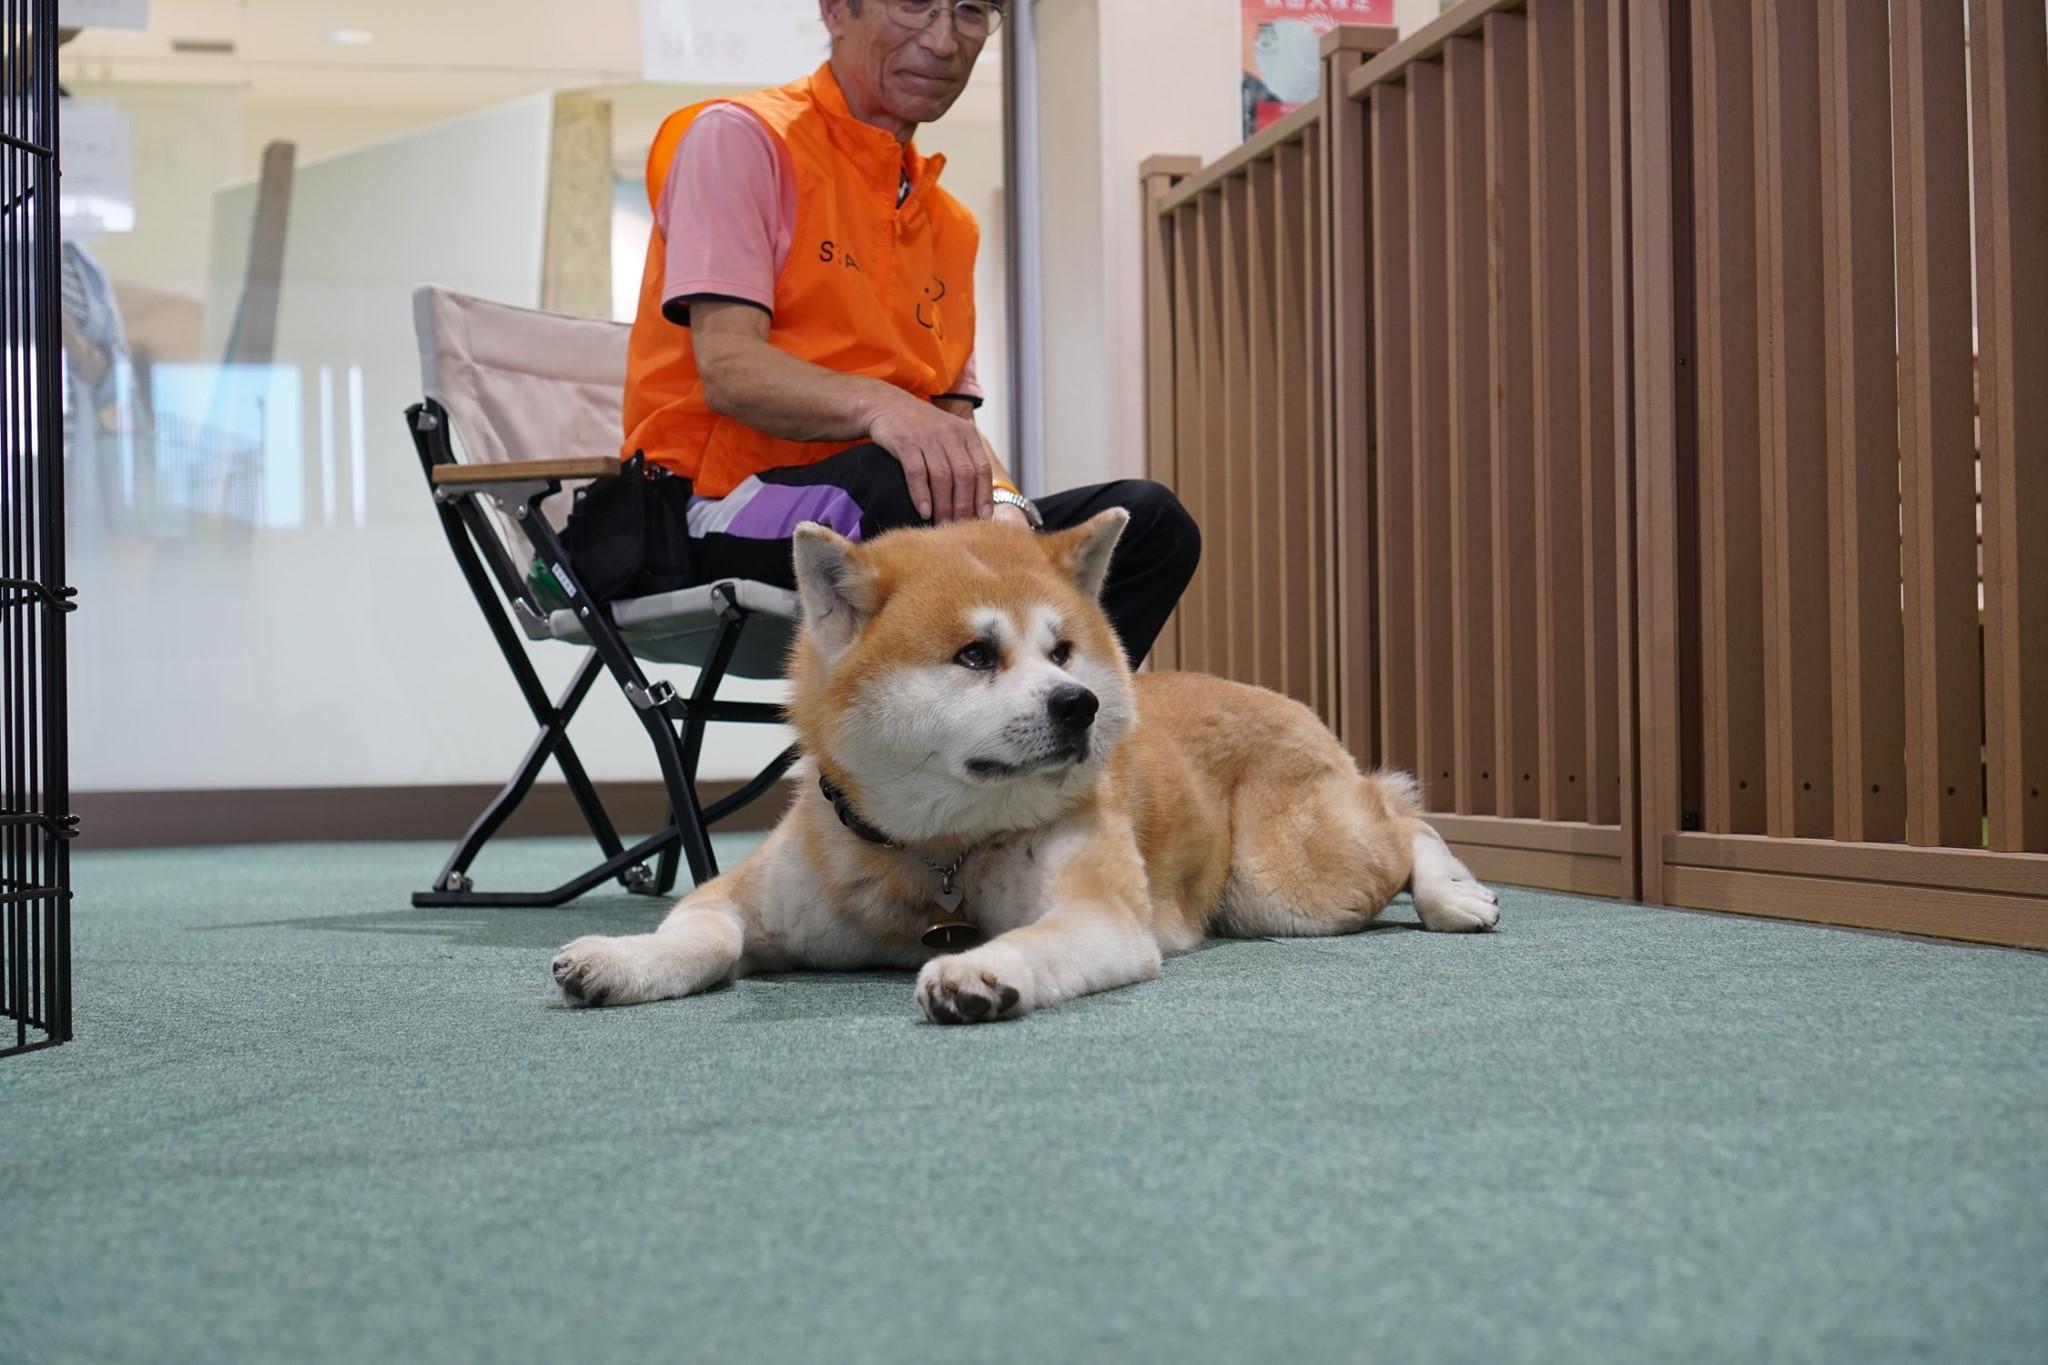 秋田犬に会いに行く◆大館市観光交流施設|秋田犬の里